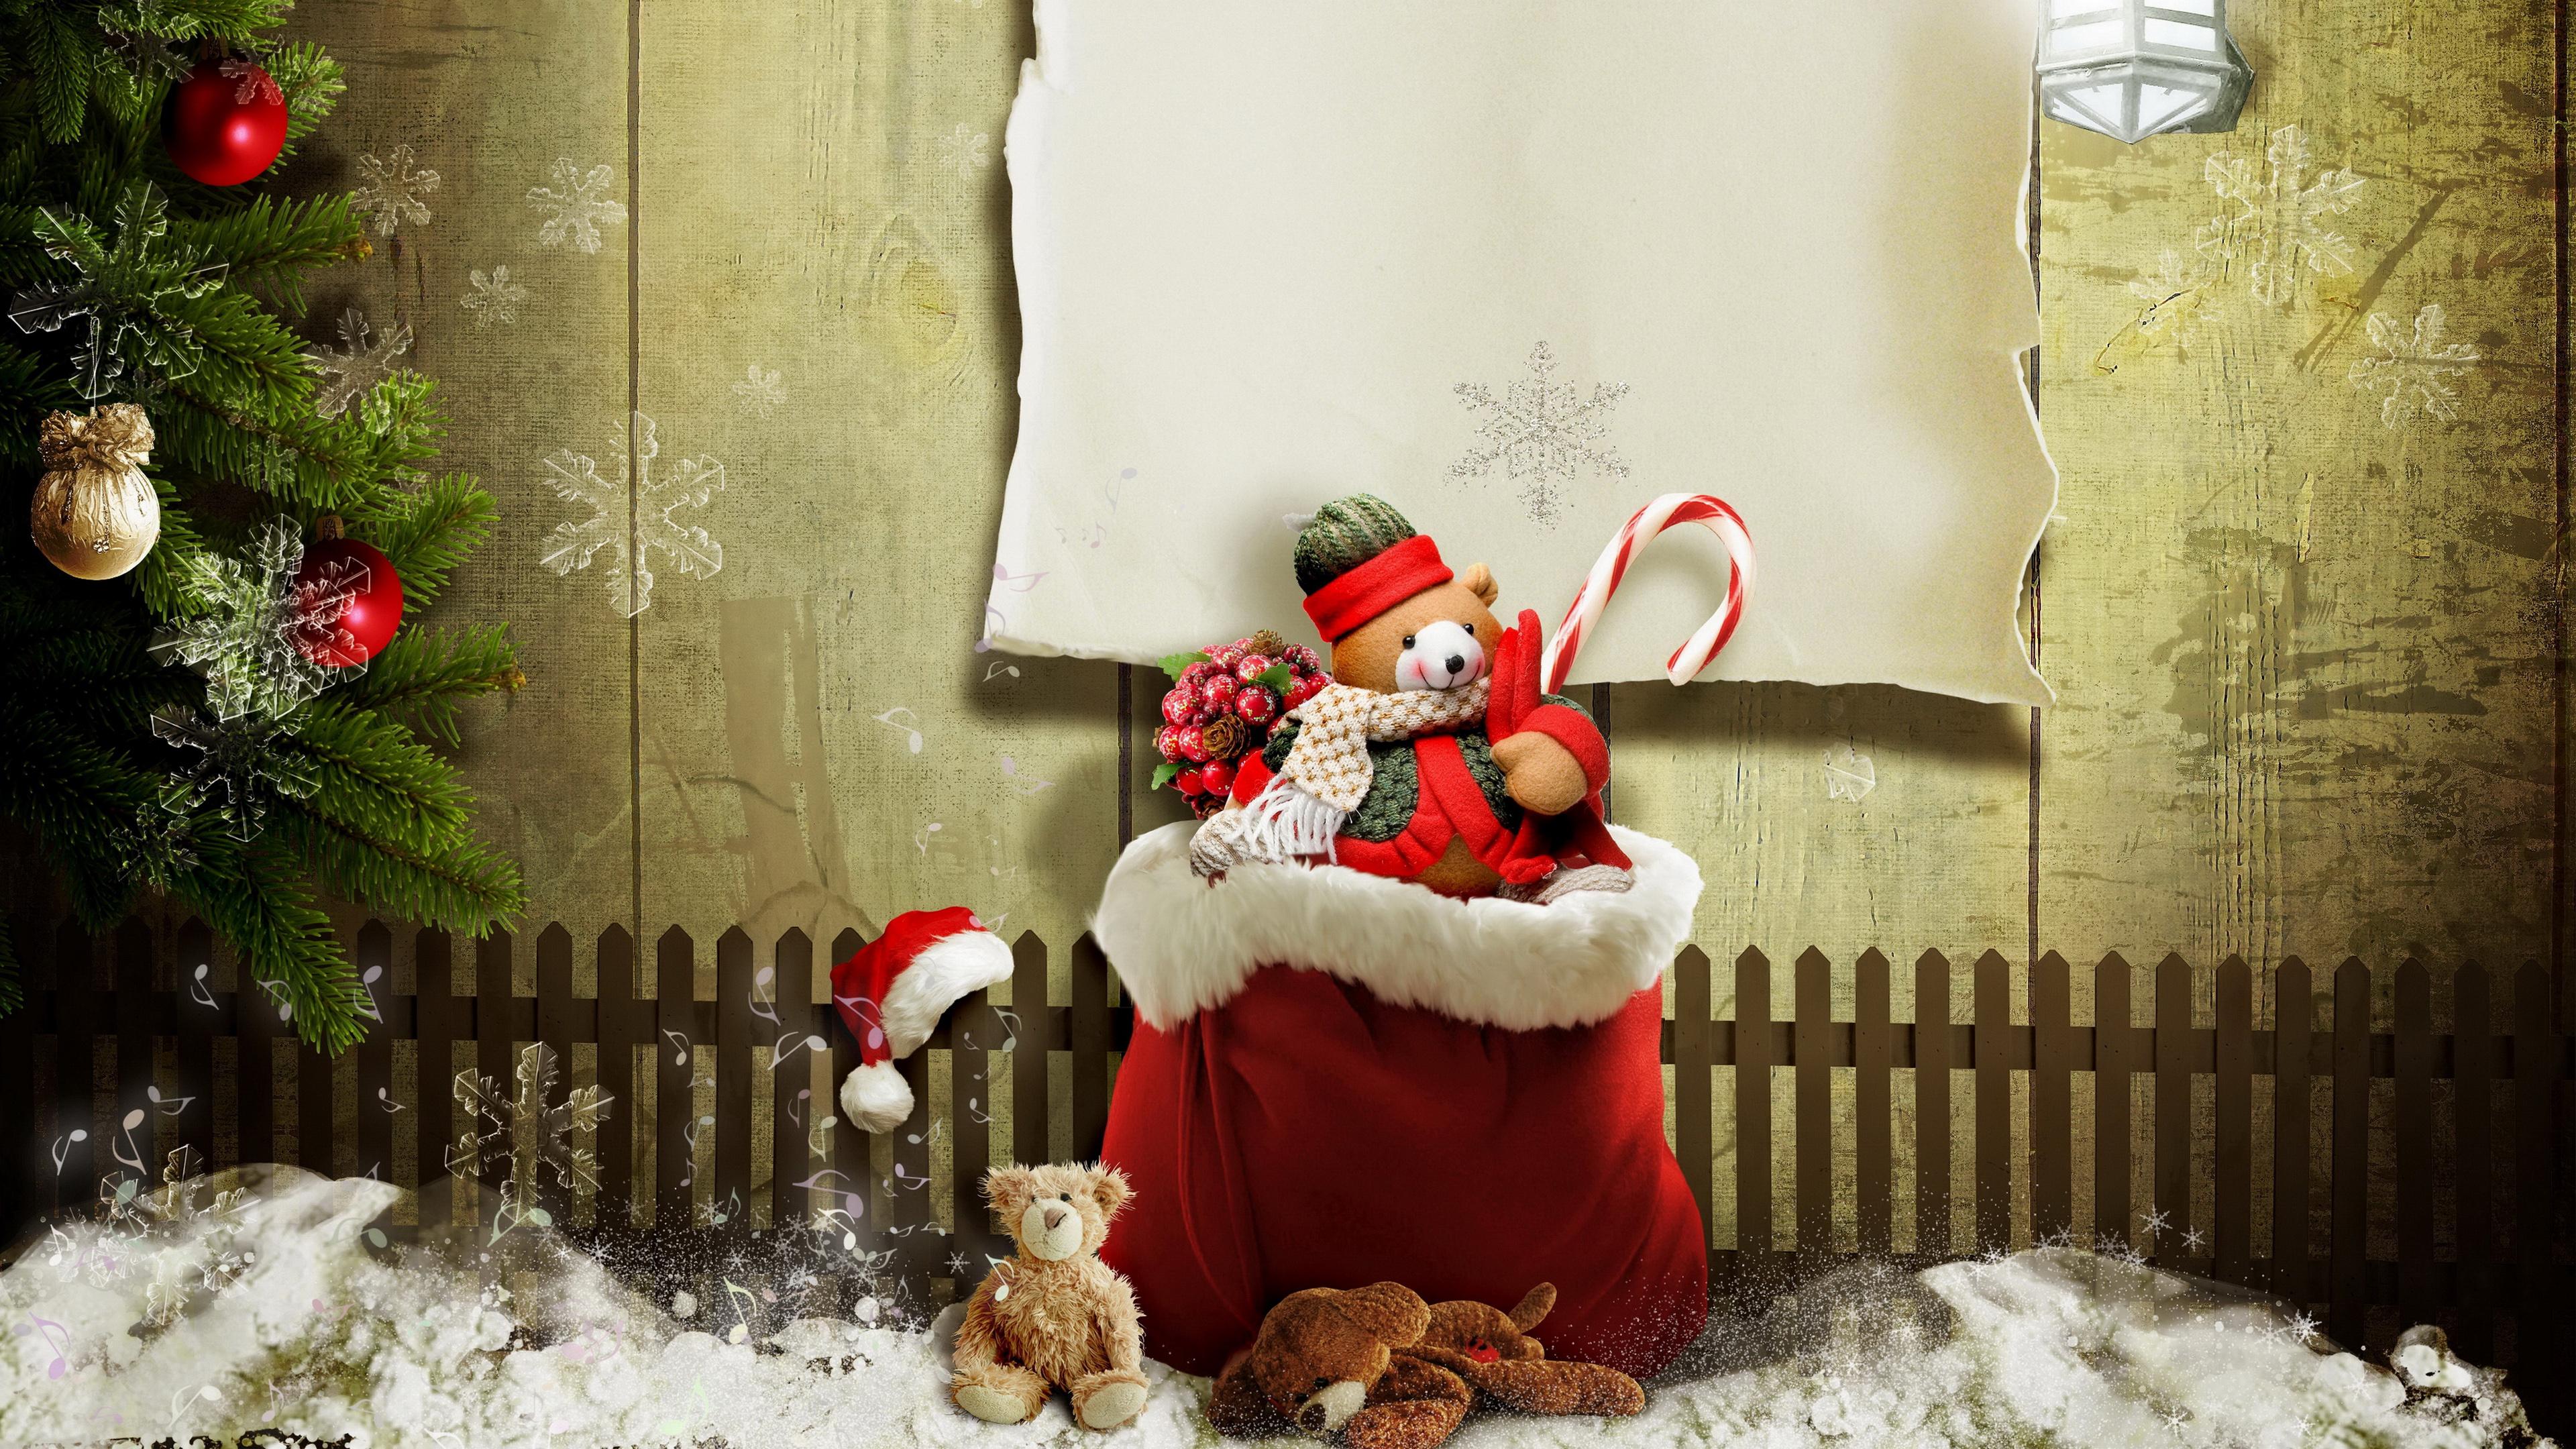 Зима,снег,новогодняя елка,мешок с подарками-скоро Новый год